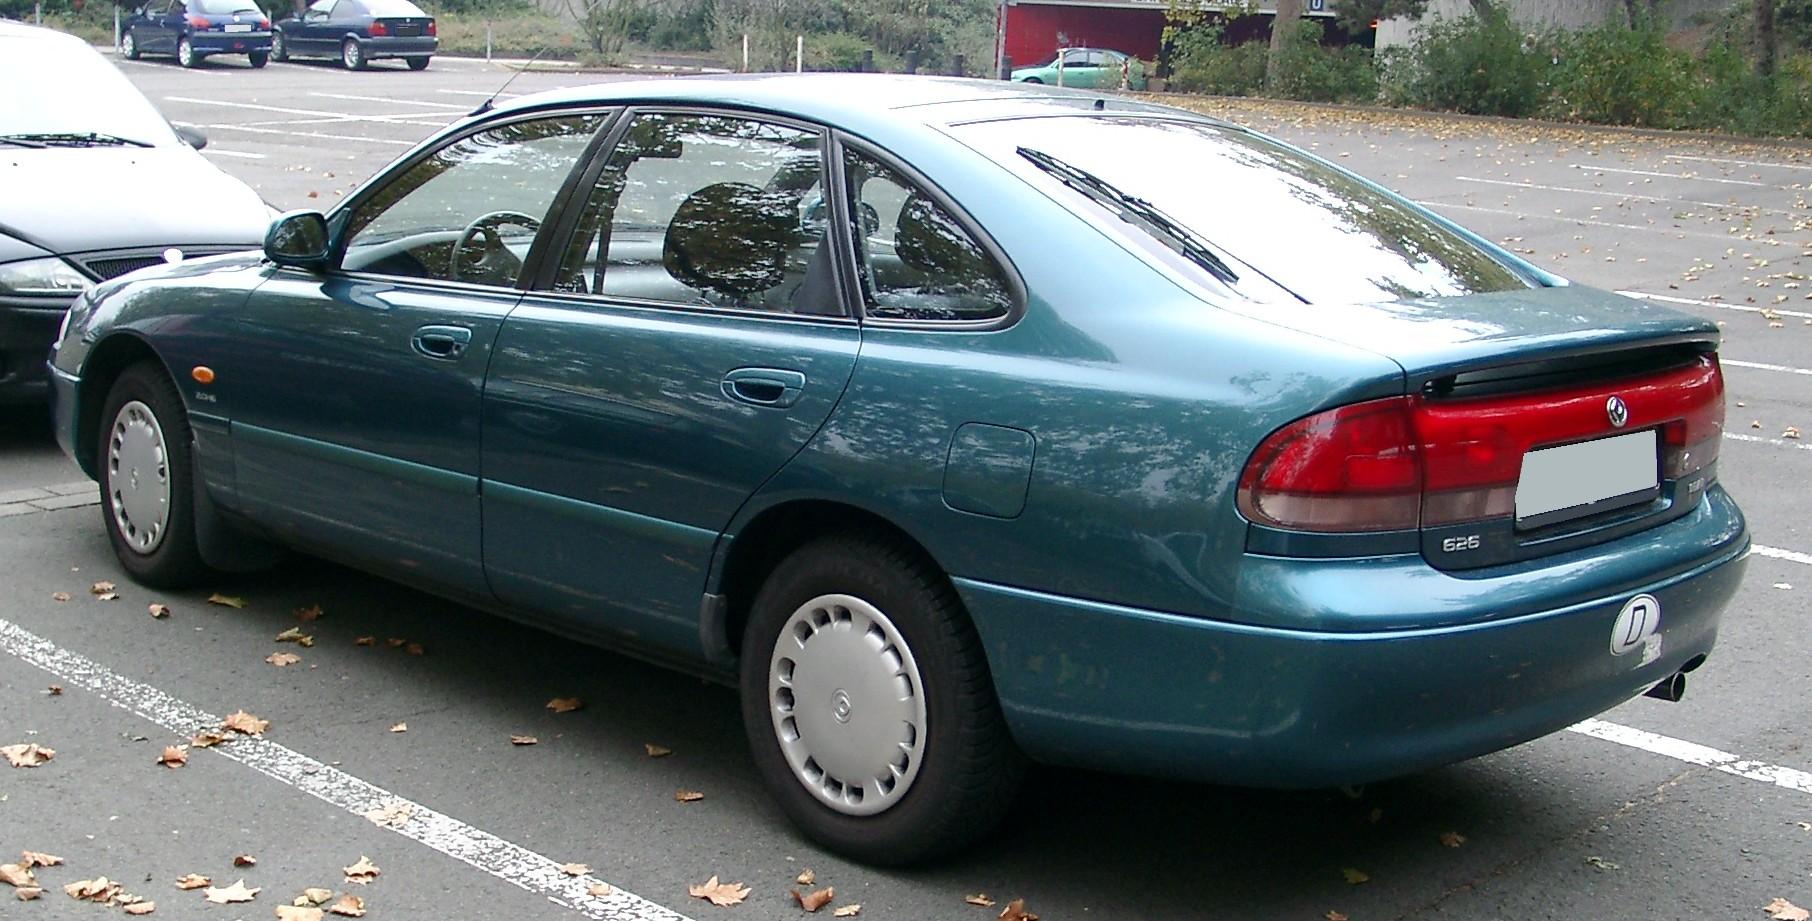 File:Mazda 626 rear 20071102.jpg